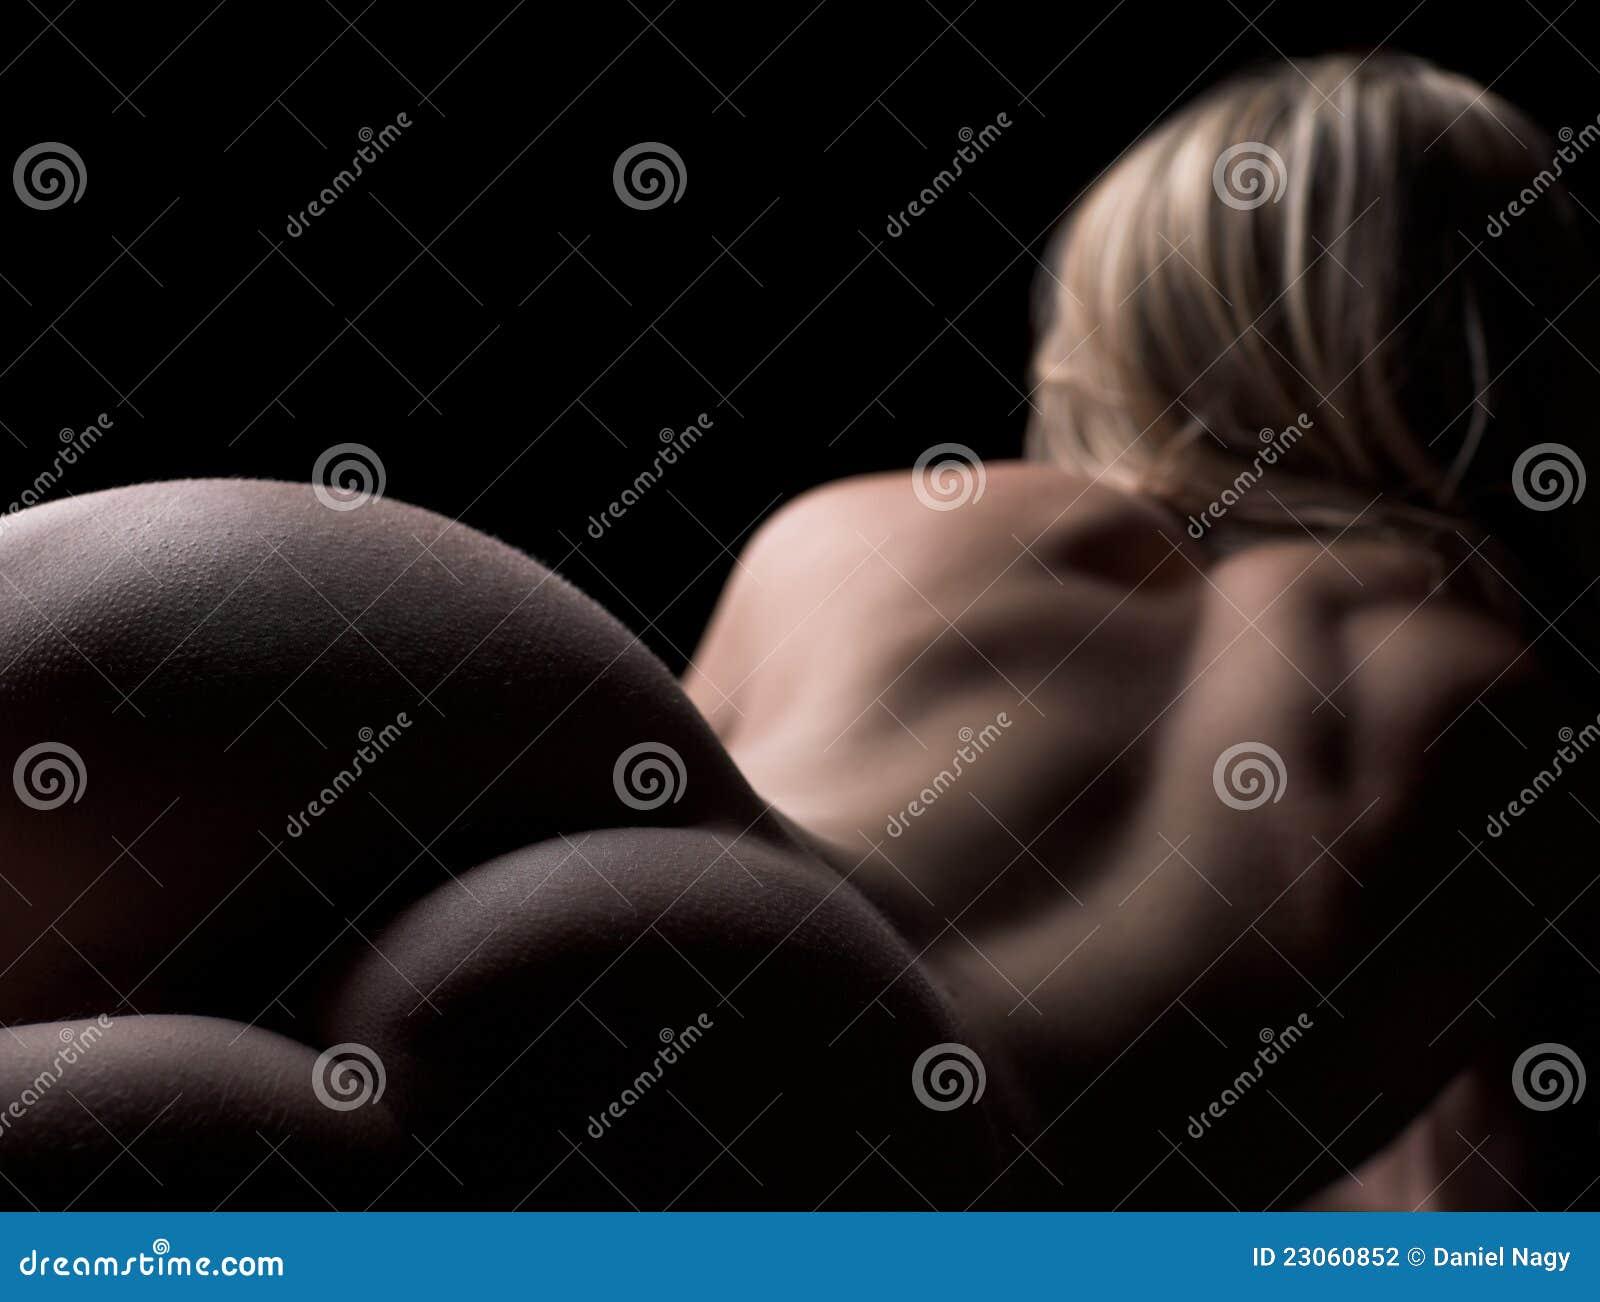 Arabe Porno - Hermosas Chicas rabes Totalmente Desnudas